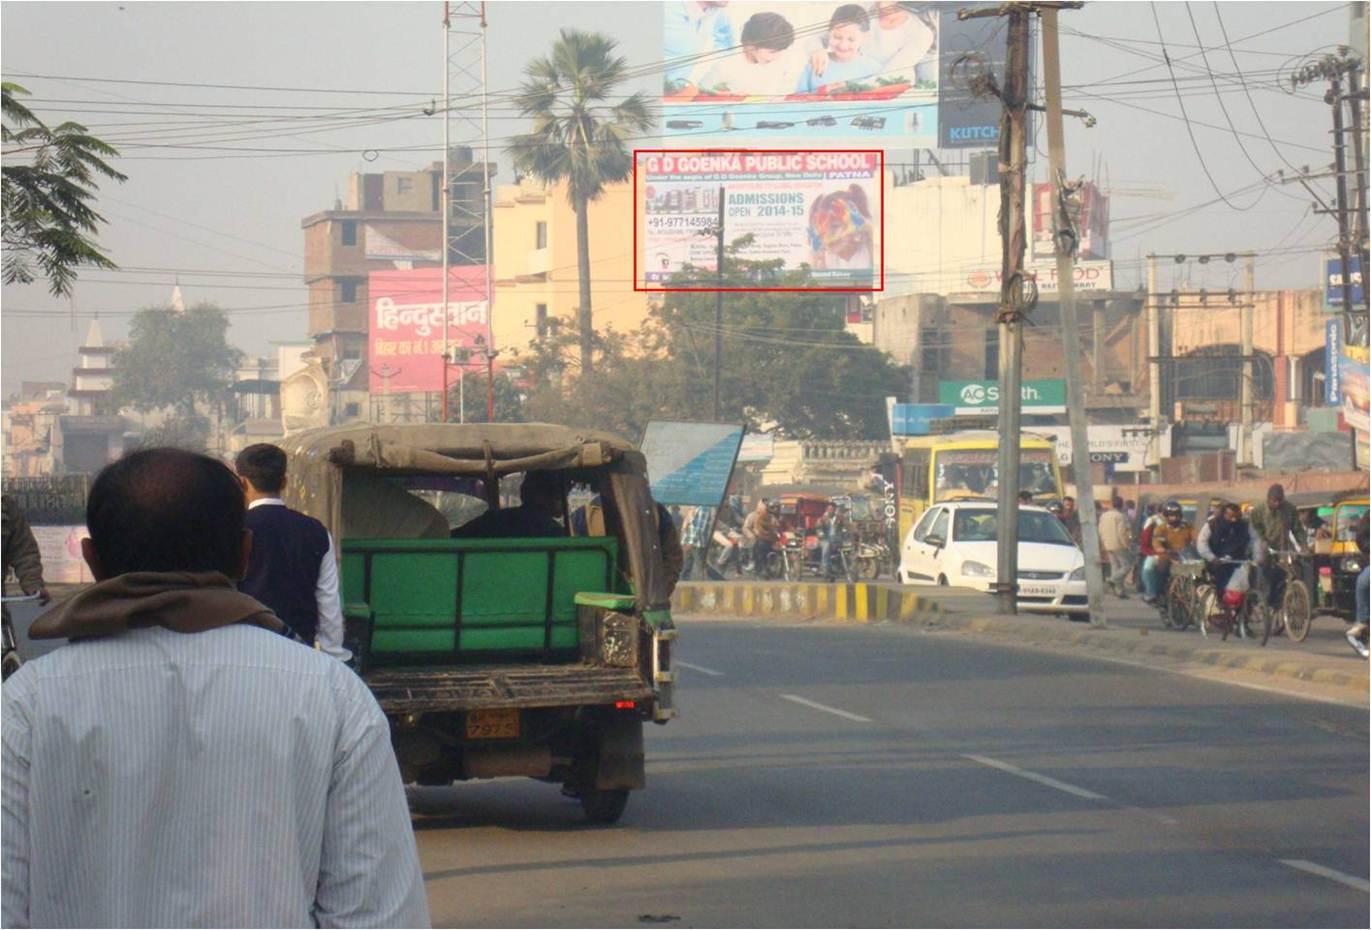 Patna Anisabad, Patna